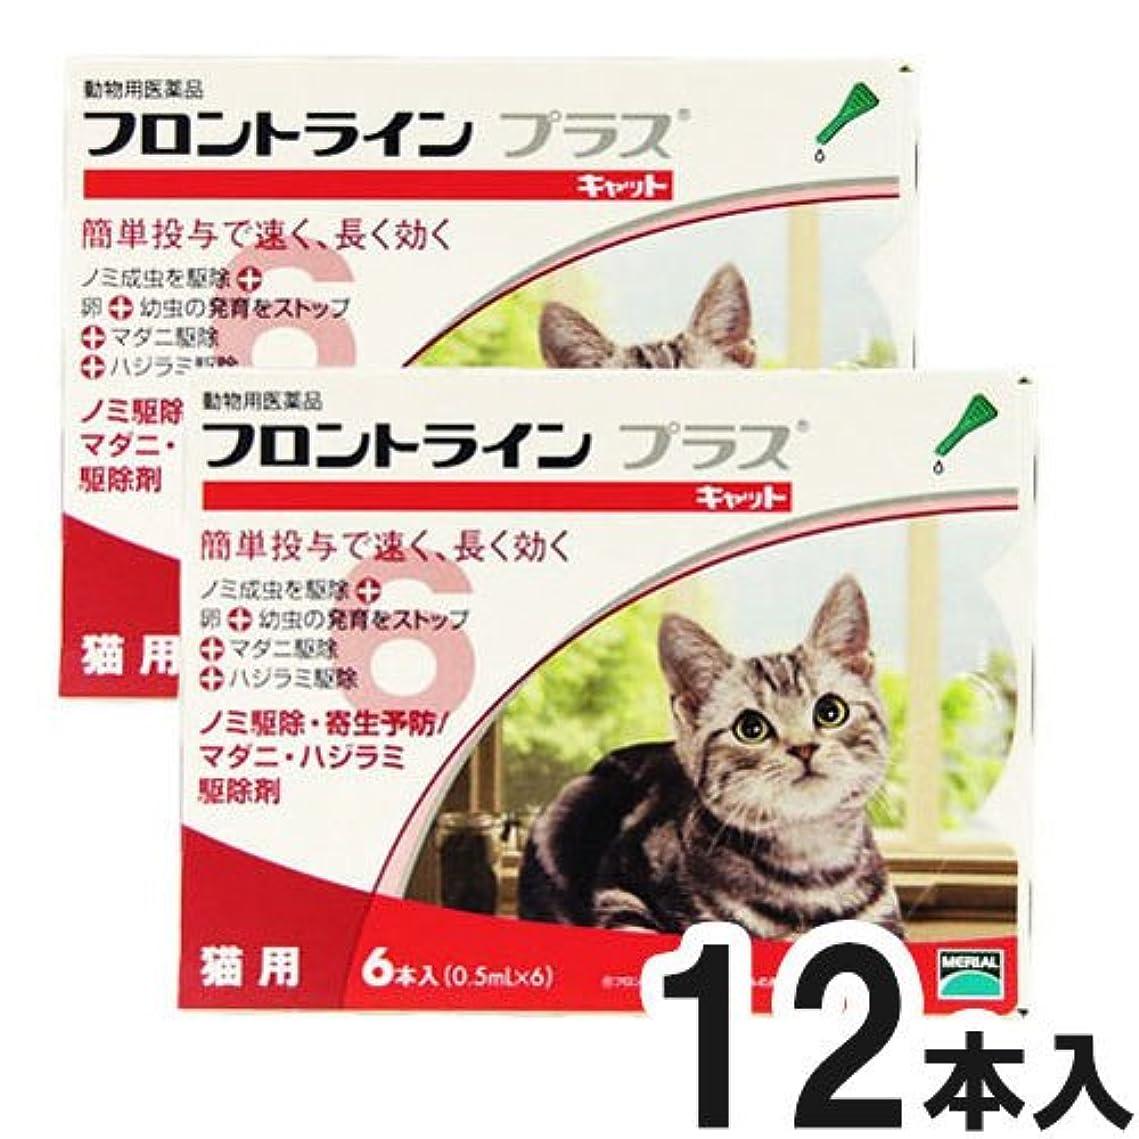 恥ずかしいマオリ建築家ドギーマン 専門店用ペッツテクト+ 猫用 3本入